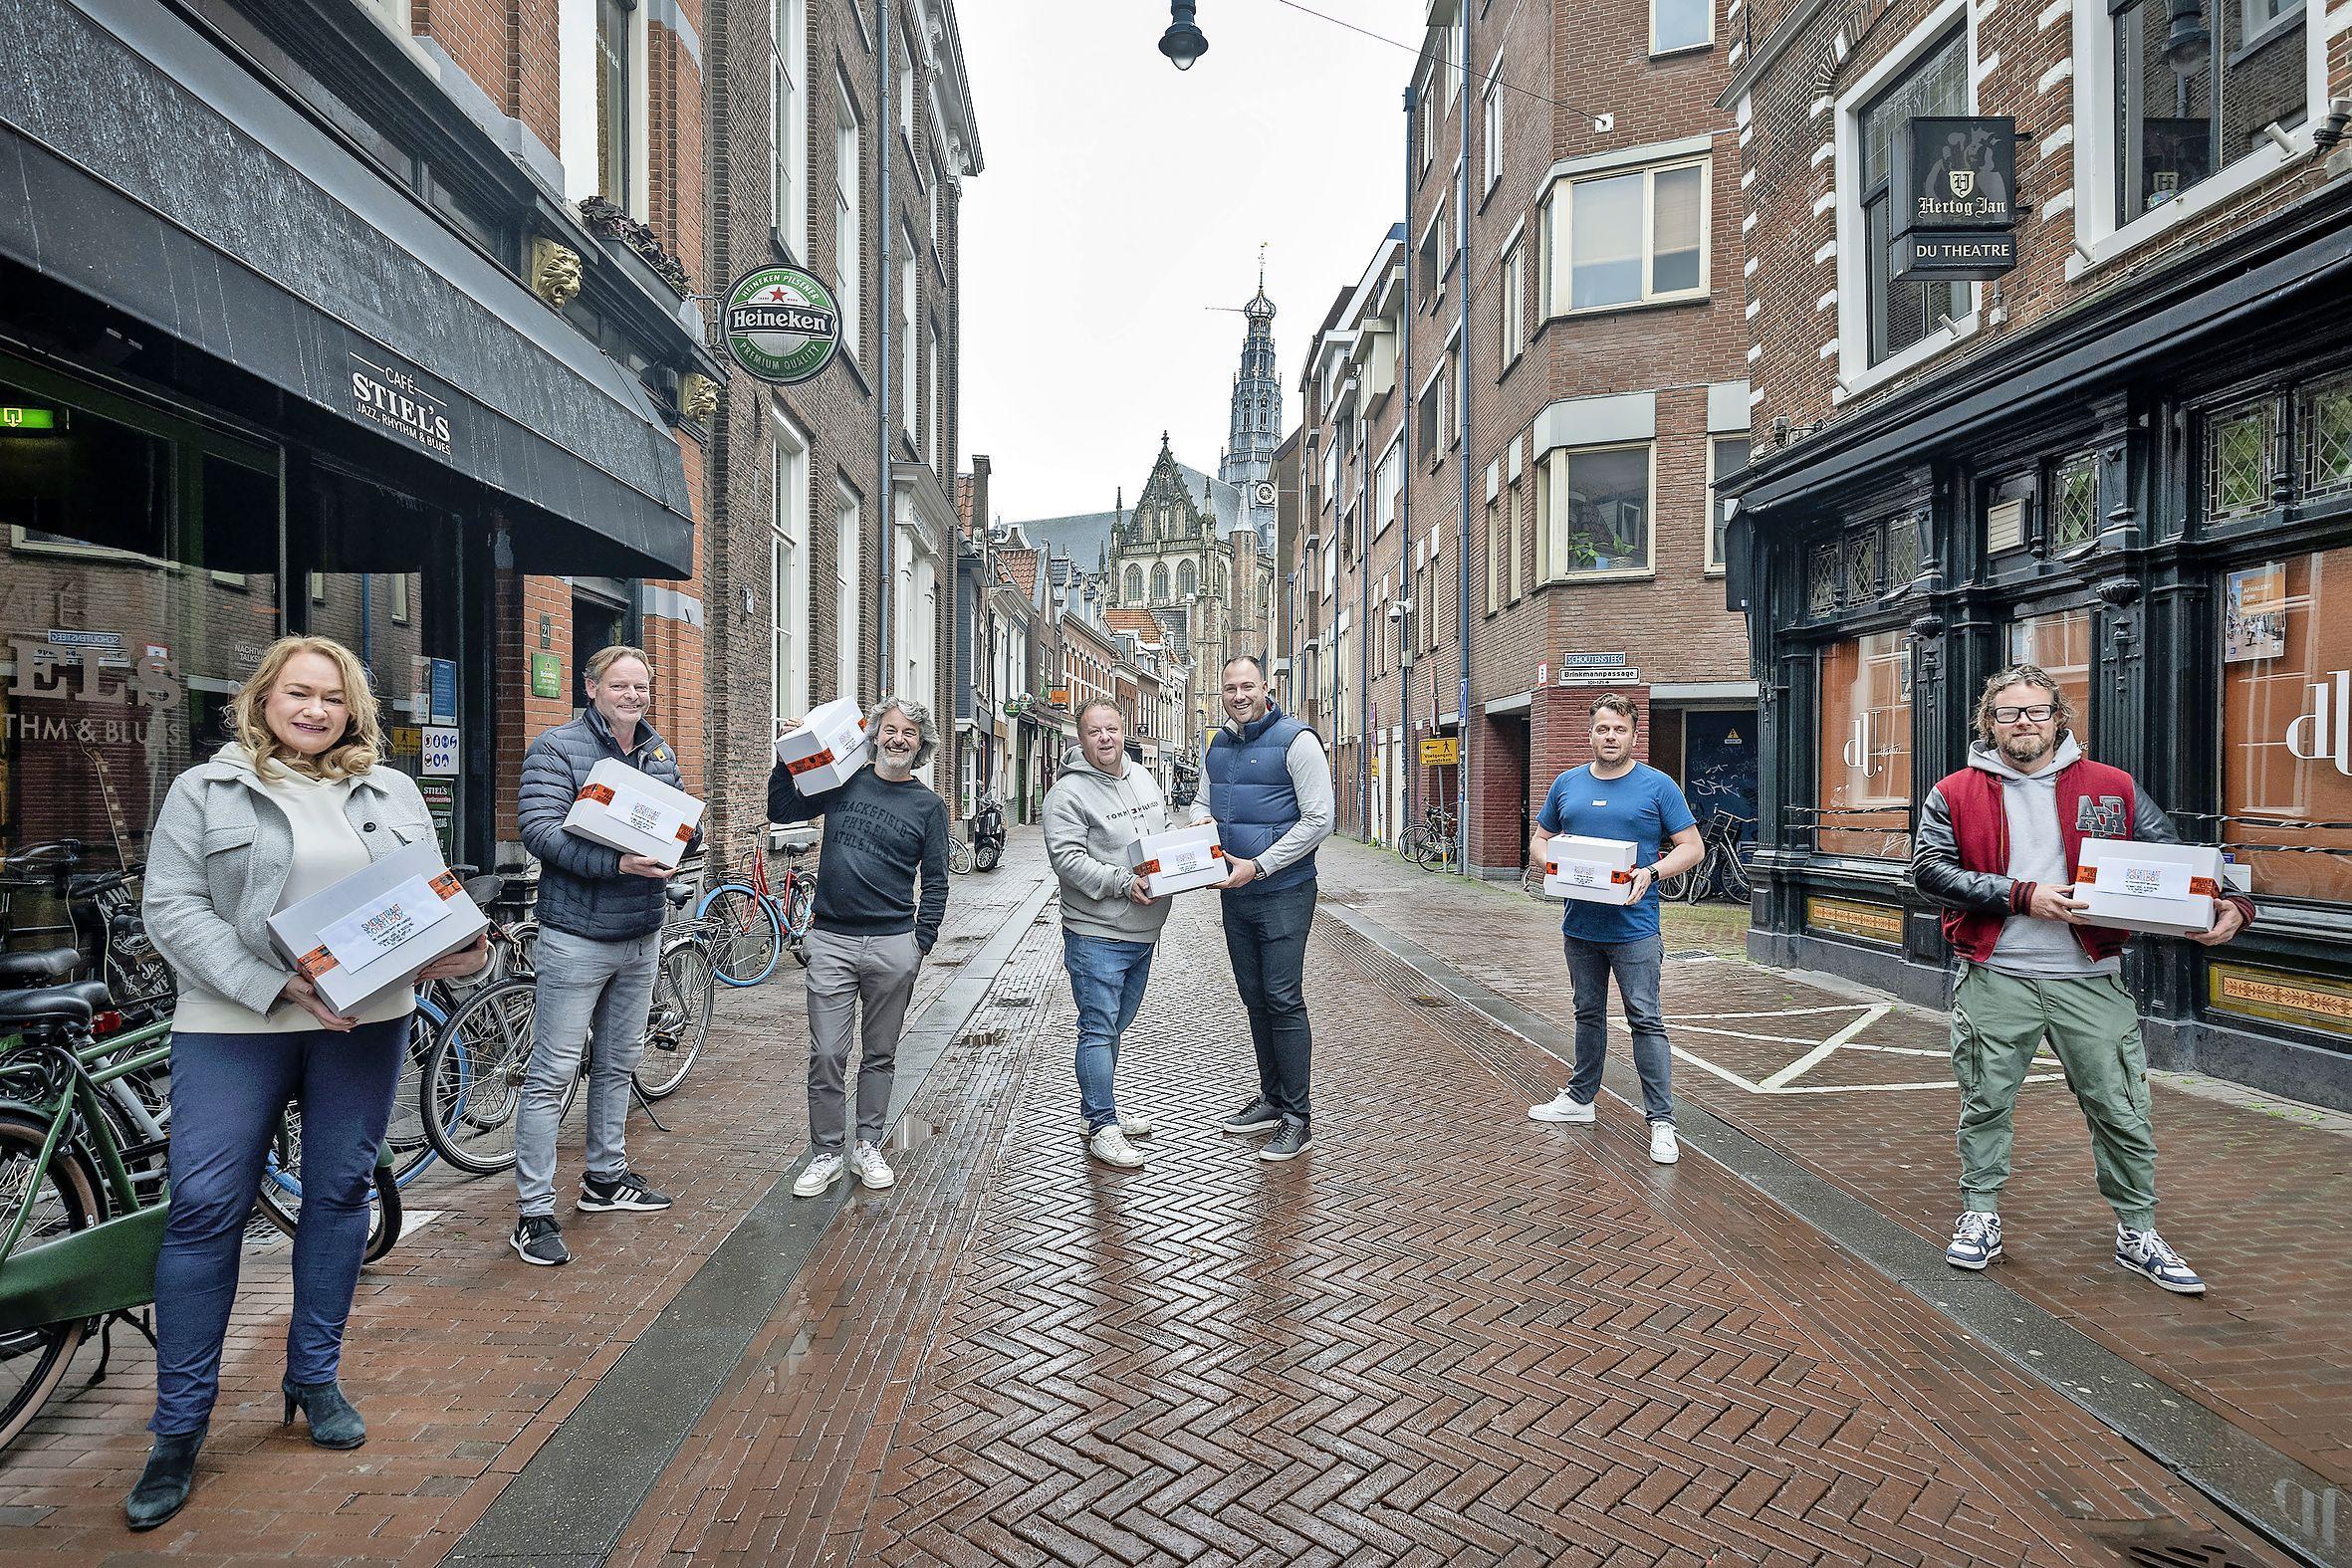 Twijfel bij Haarlemse nachthoreca over coronatoegangsbewijzen. 'Het spontane gaat er zo van af'